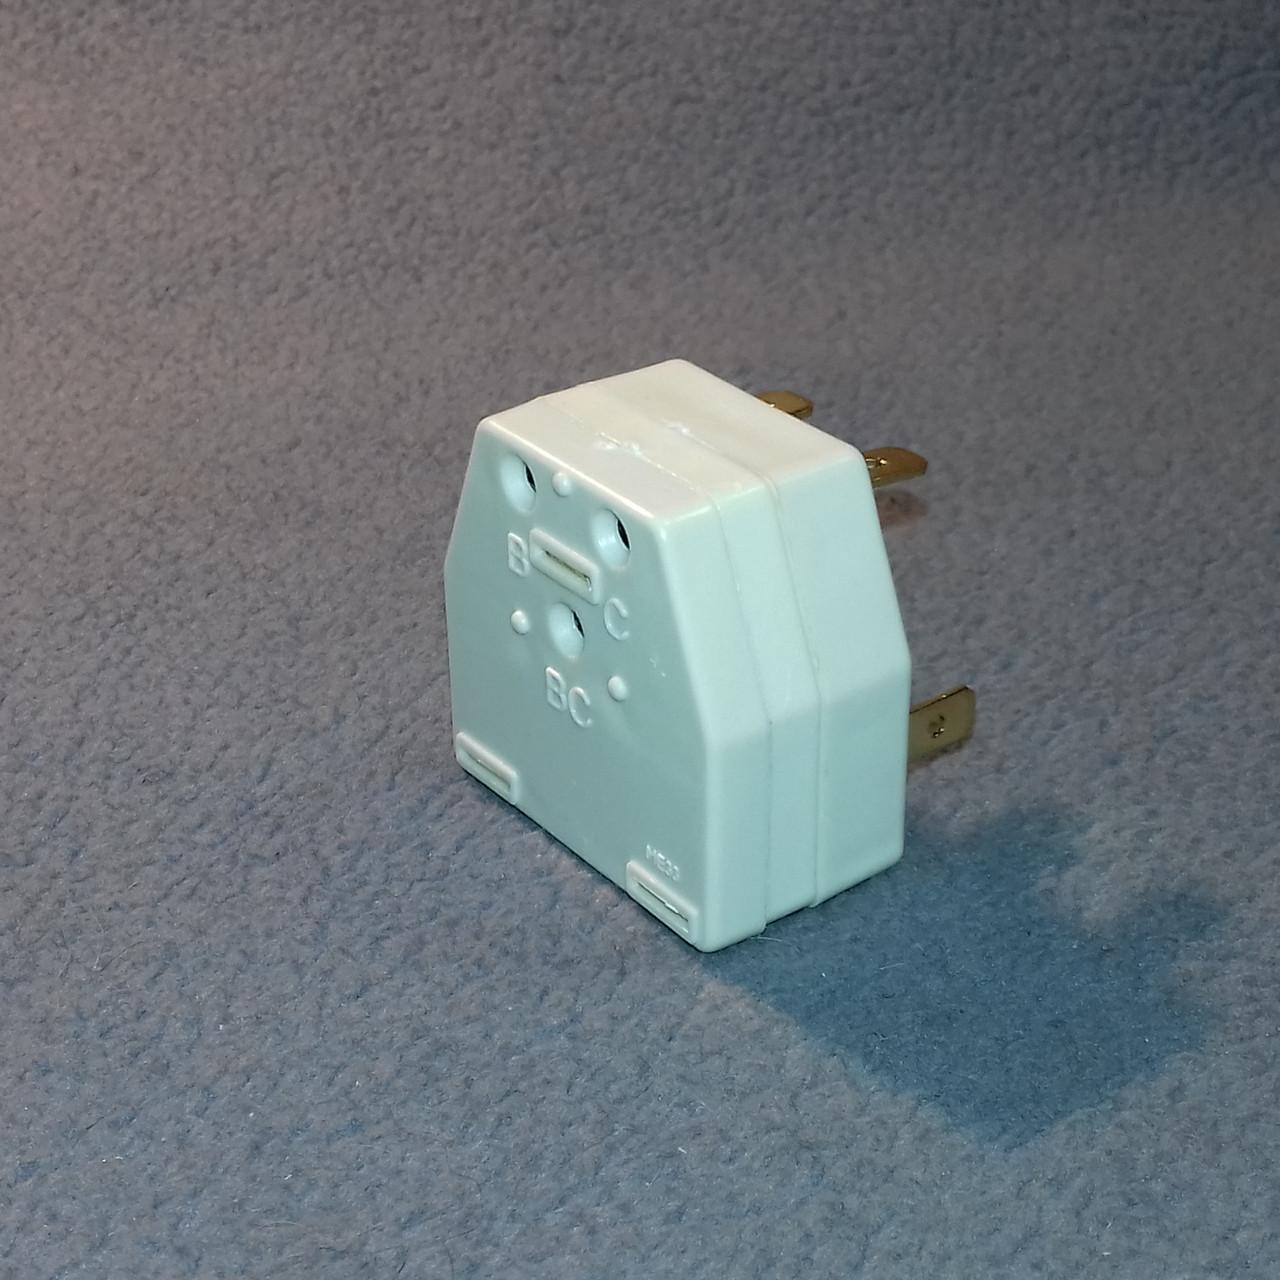 Реле ПЗР-04-4.8 0.5 А для пуску компресора холодильника Норд і Дніпро (Україна)